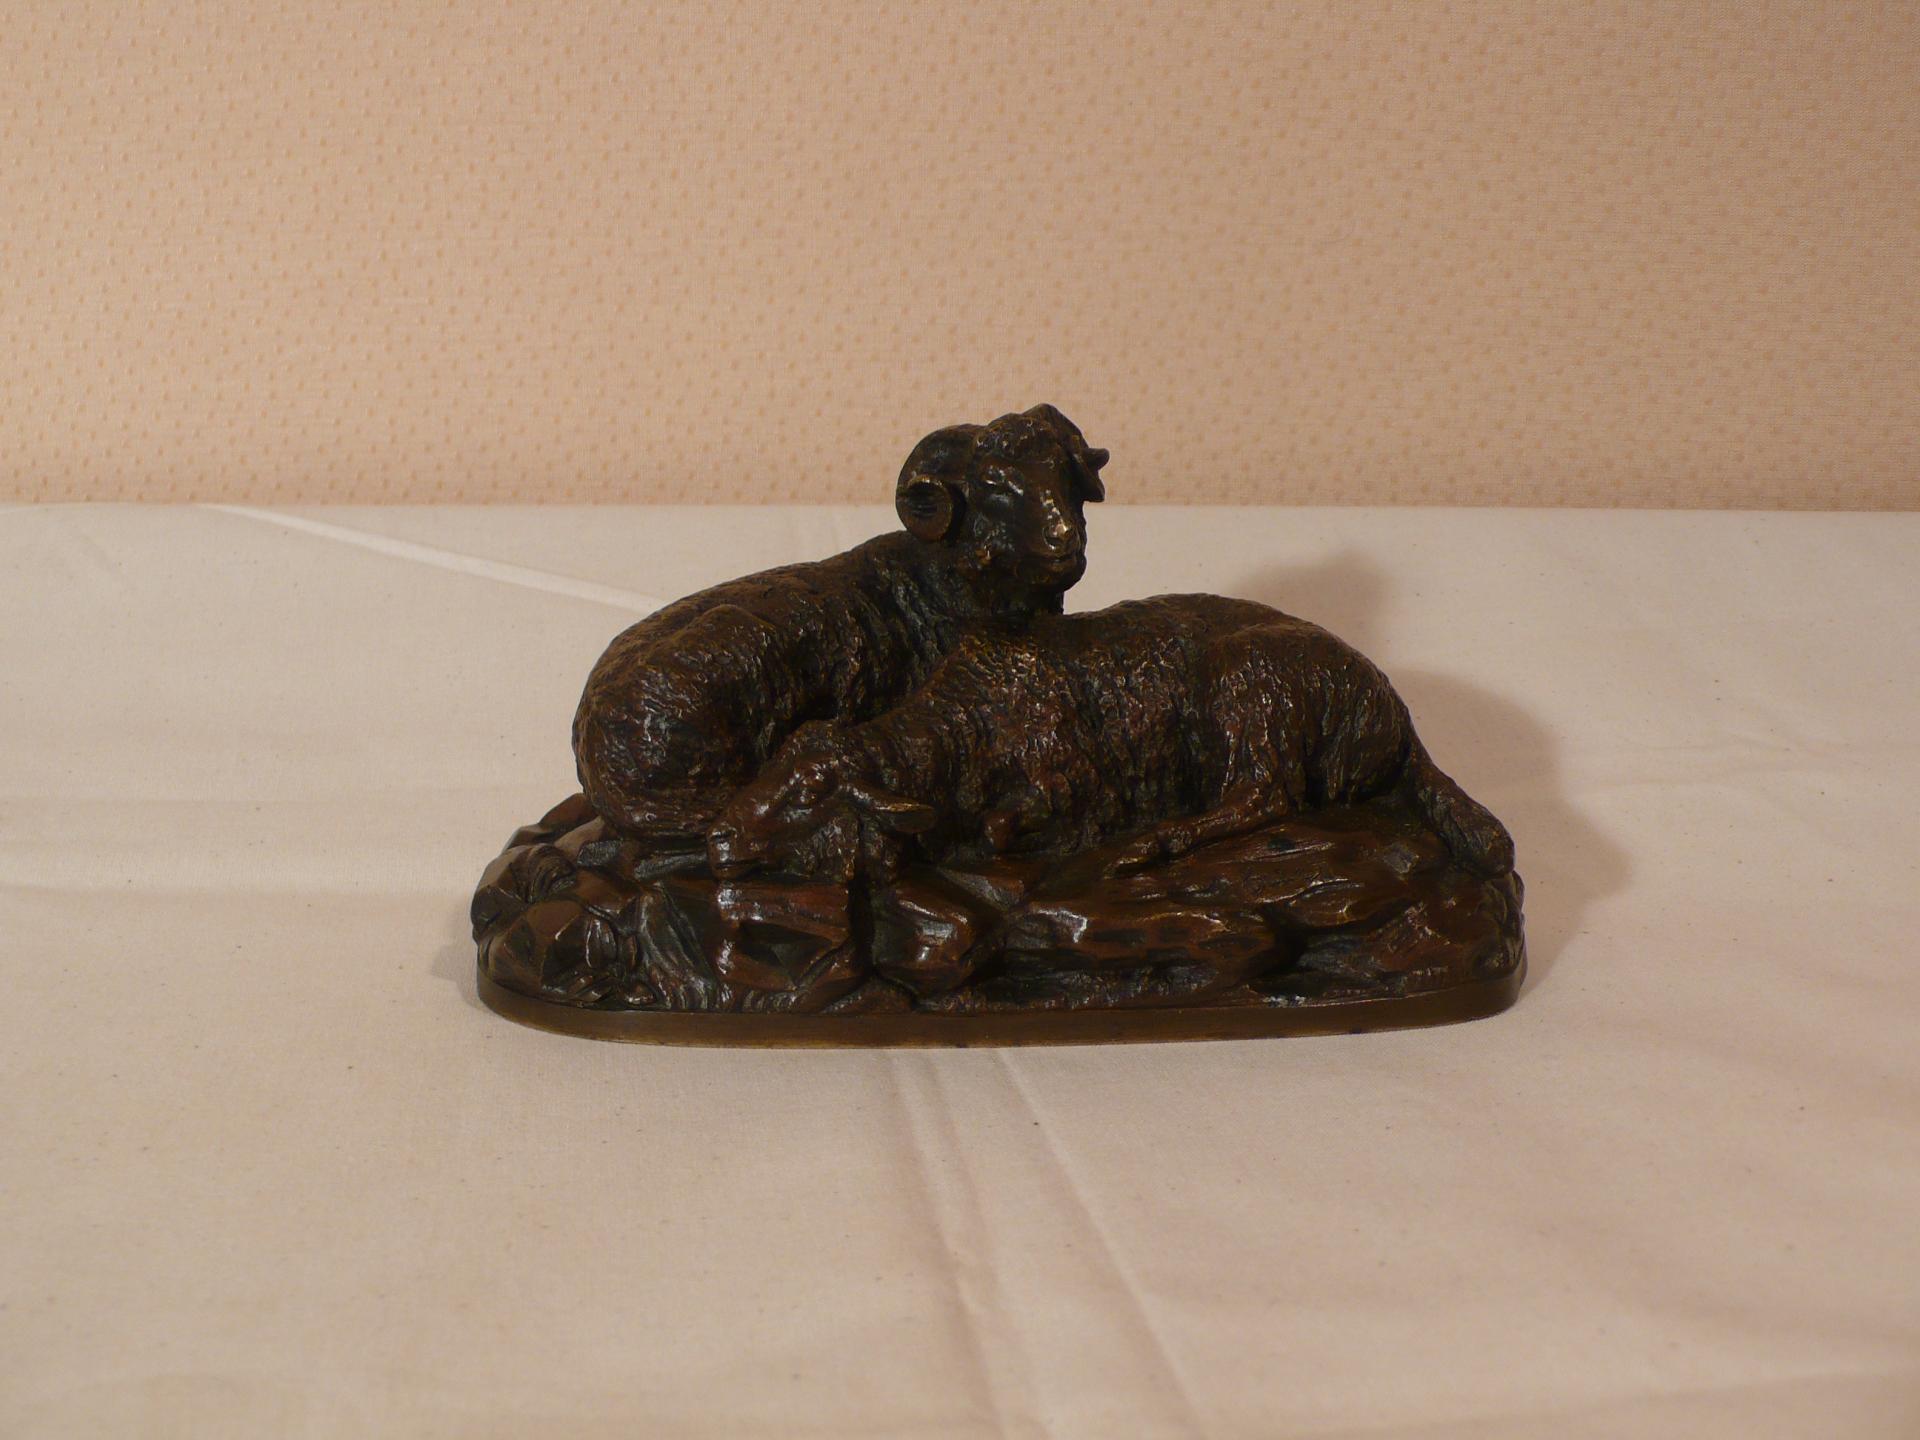 Un bronze représentant des moutons signé Guci.